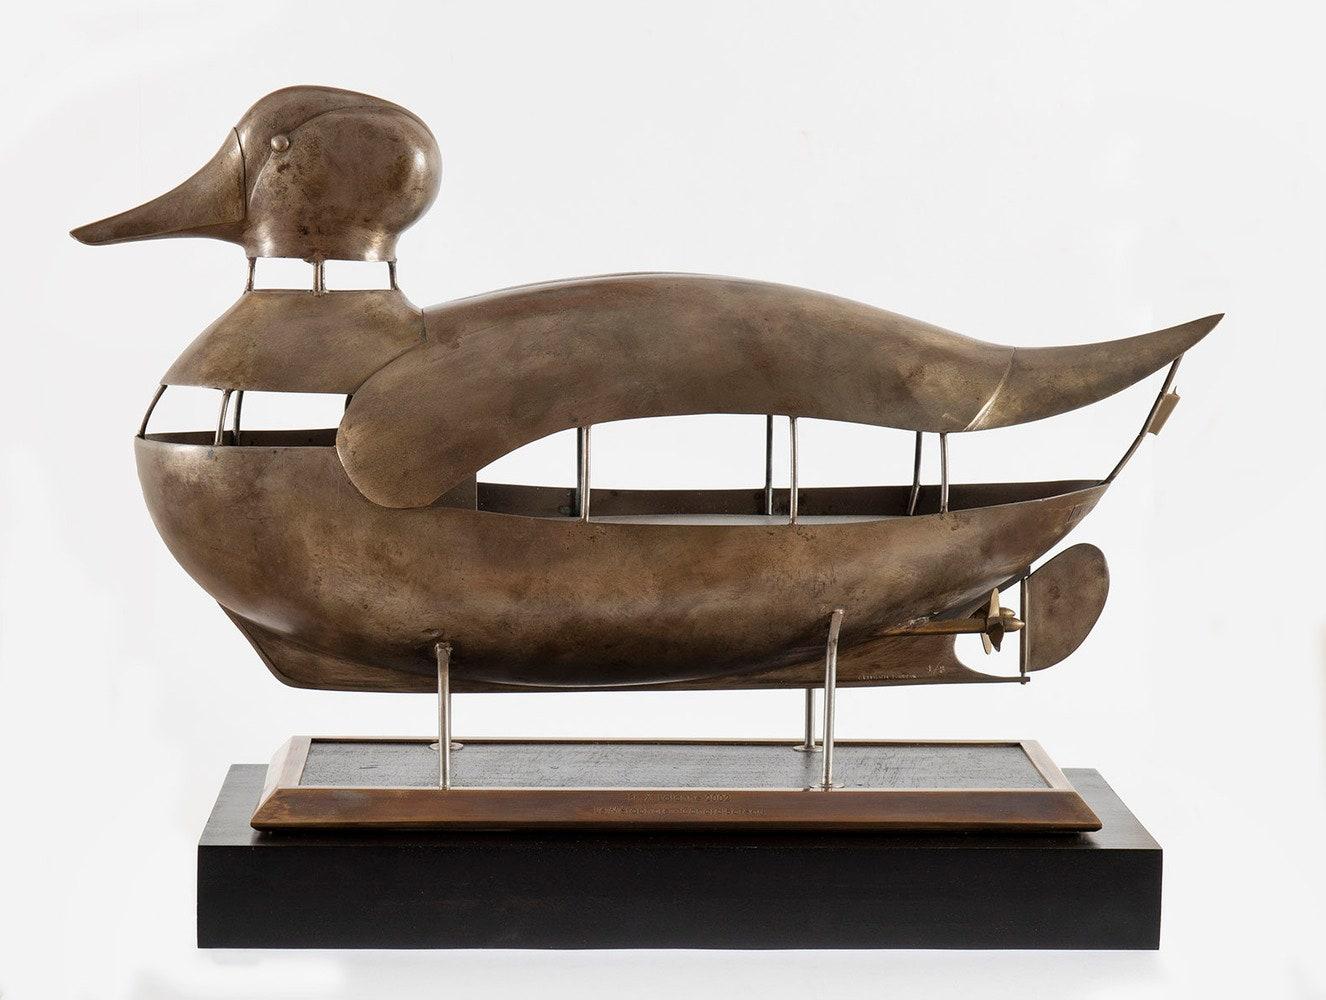 Le Mtaphore  2002   .  318 x 533 x 165    18  4 E.A.  FXL   Le Mtaphore Clementi Fondeur 18.  Helene Bailly.  260 000.